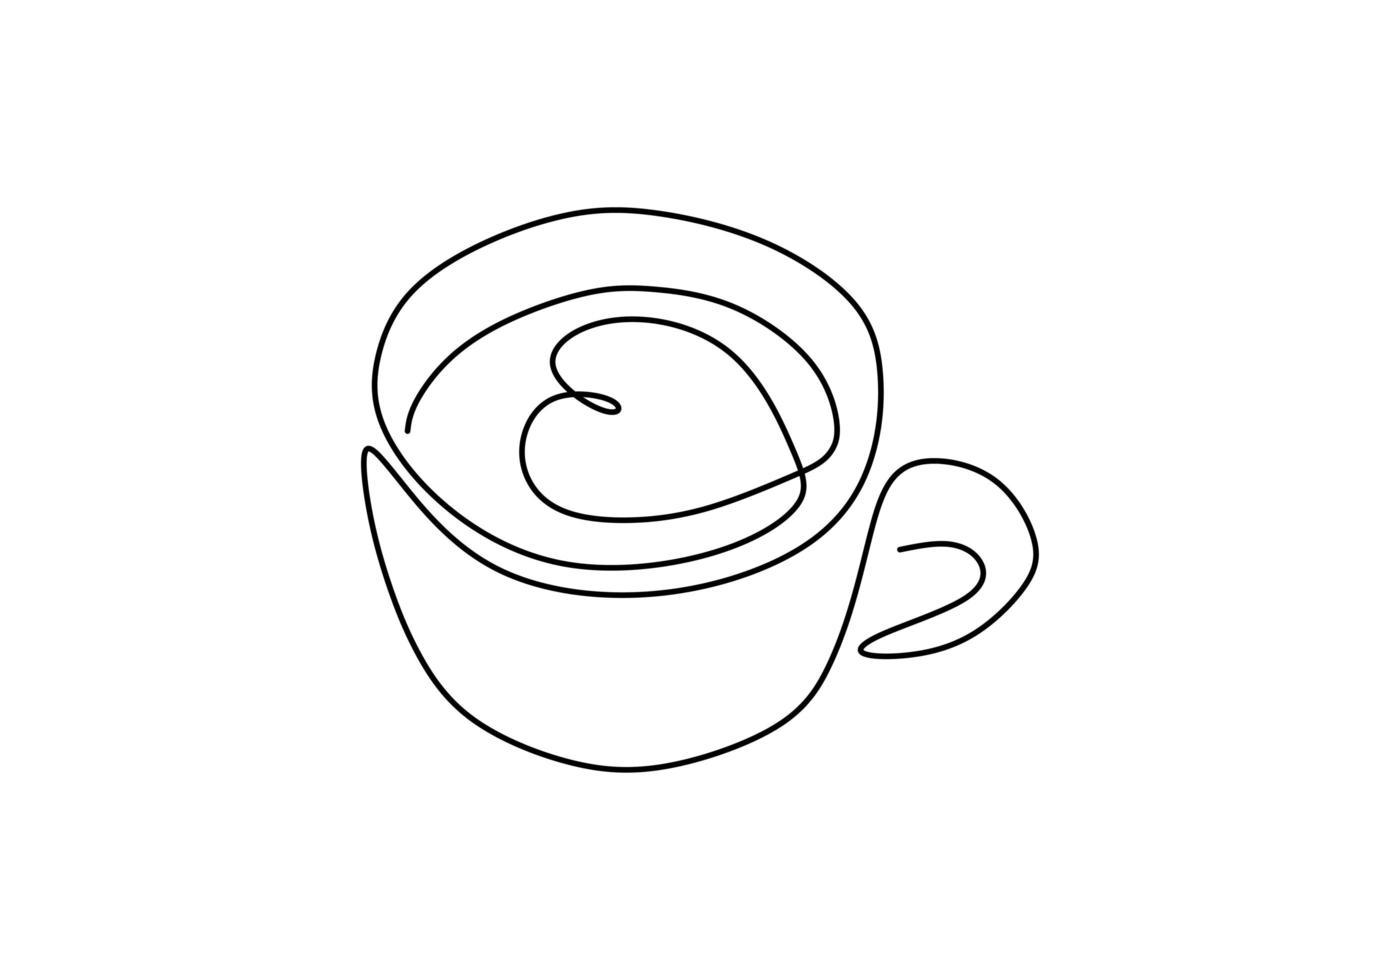 dibujo de una línea de café. taza con el arte del latte del capuchino del corazón, símbolo del amor y de la relajación. vector